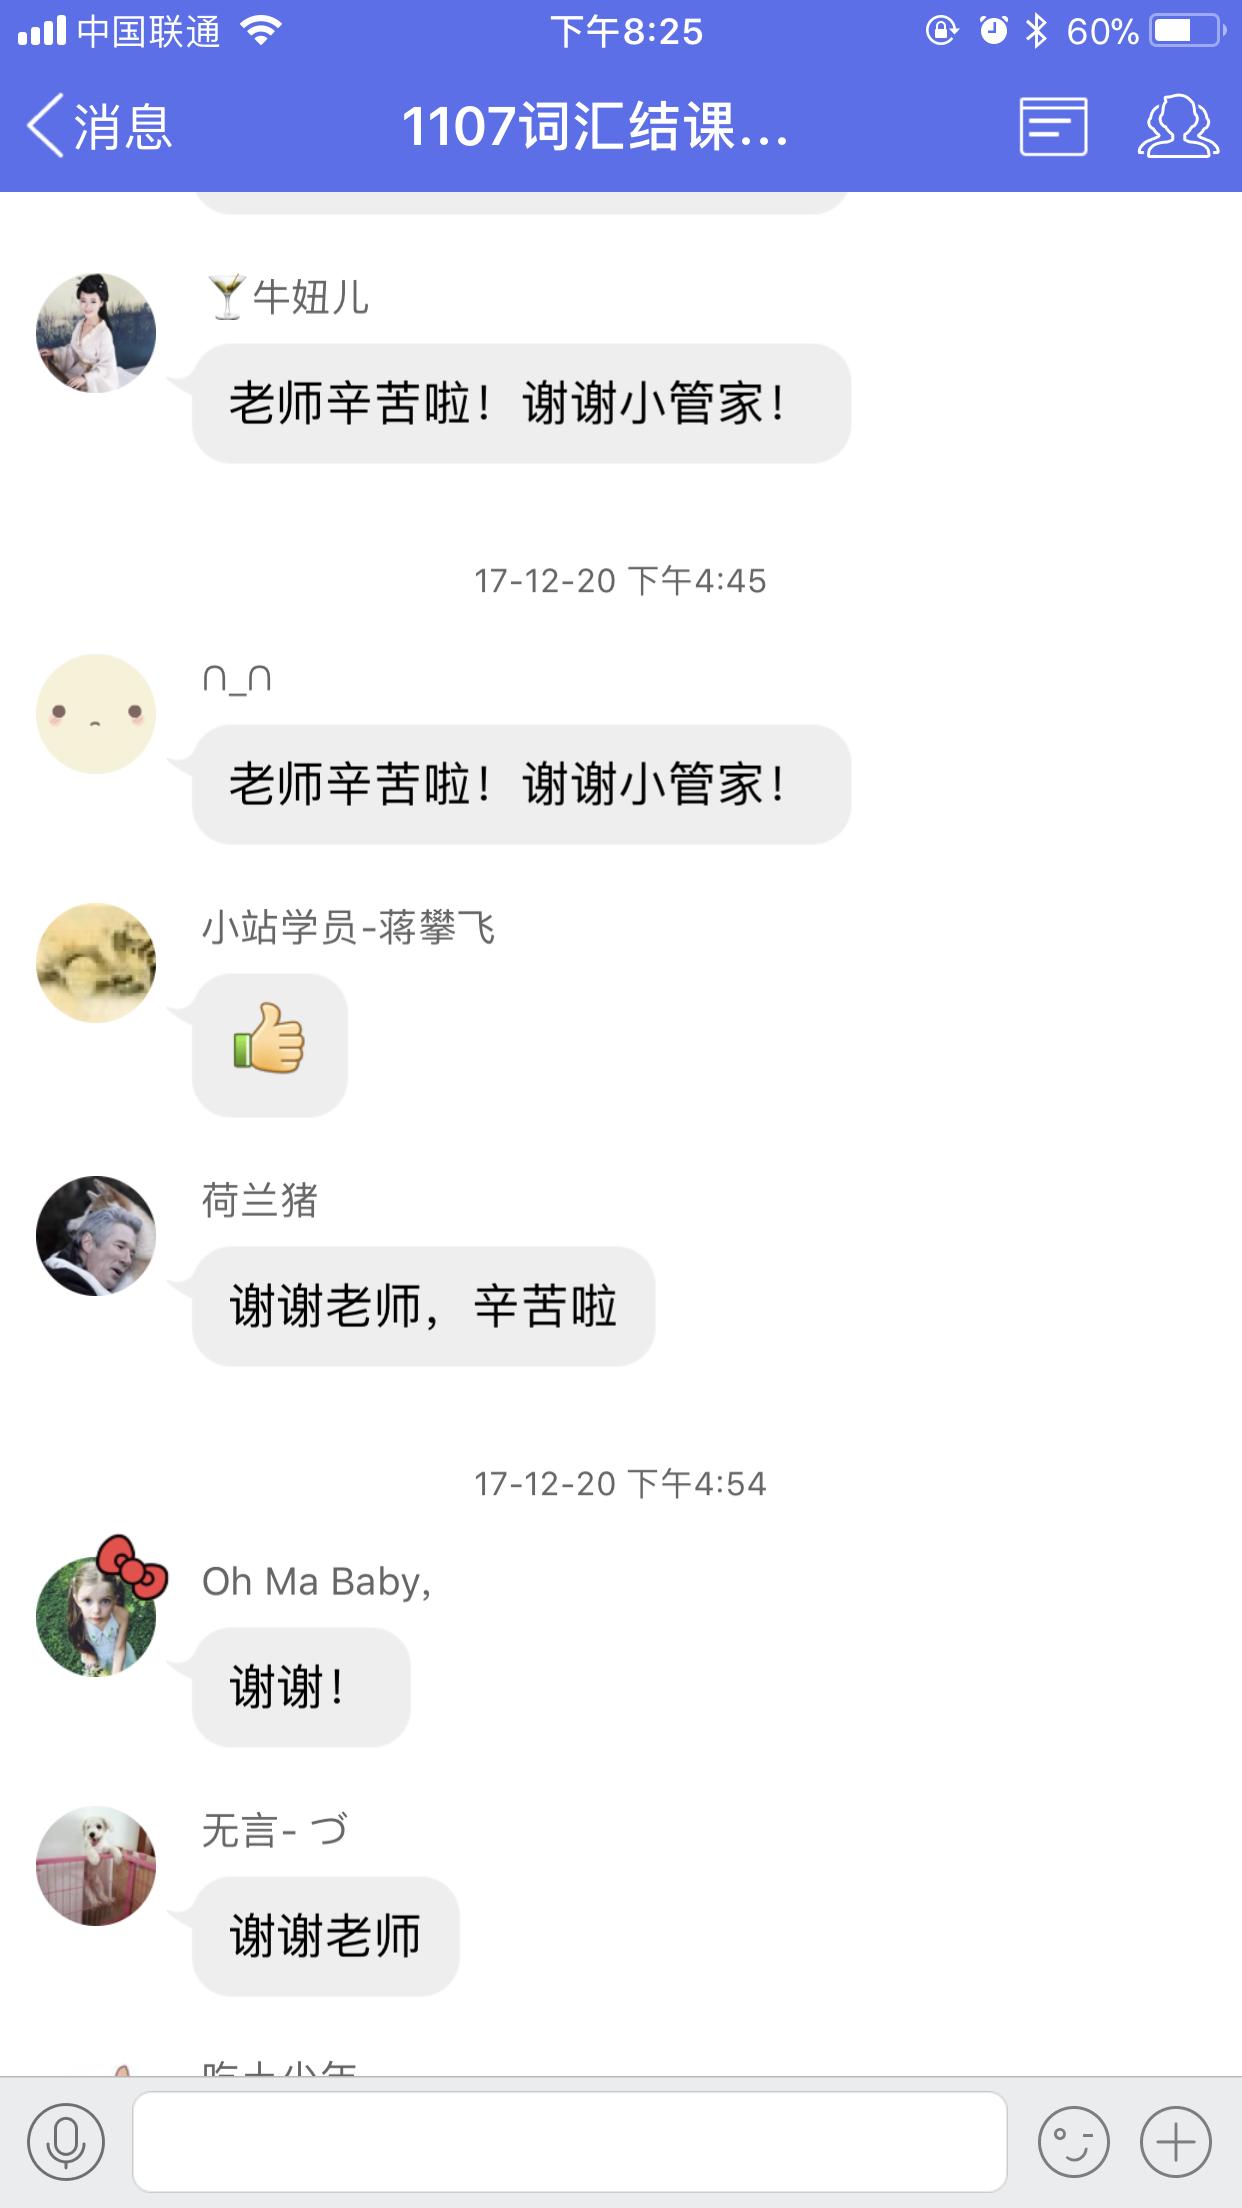 赵瑜斌学员评价1